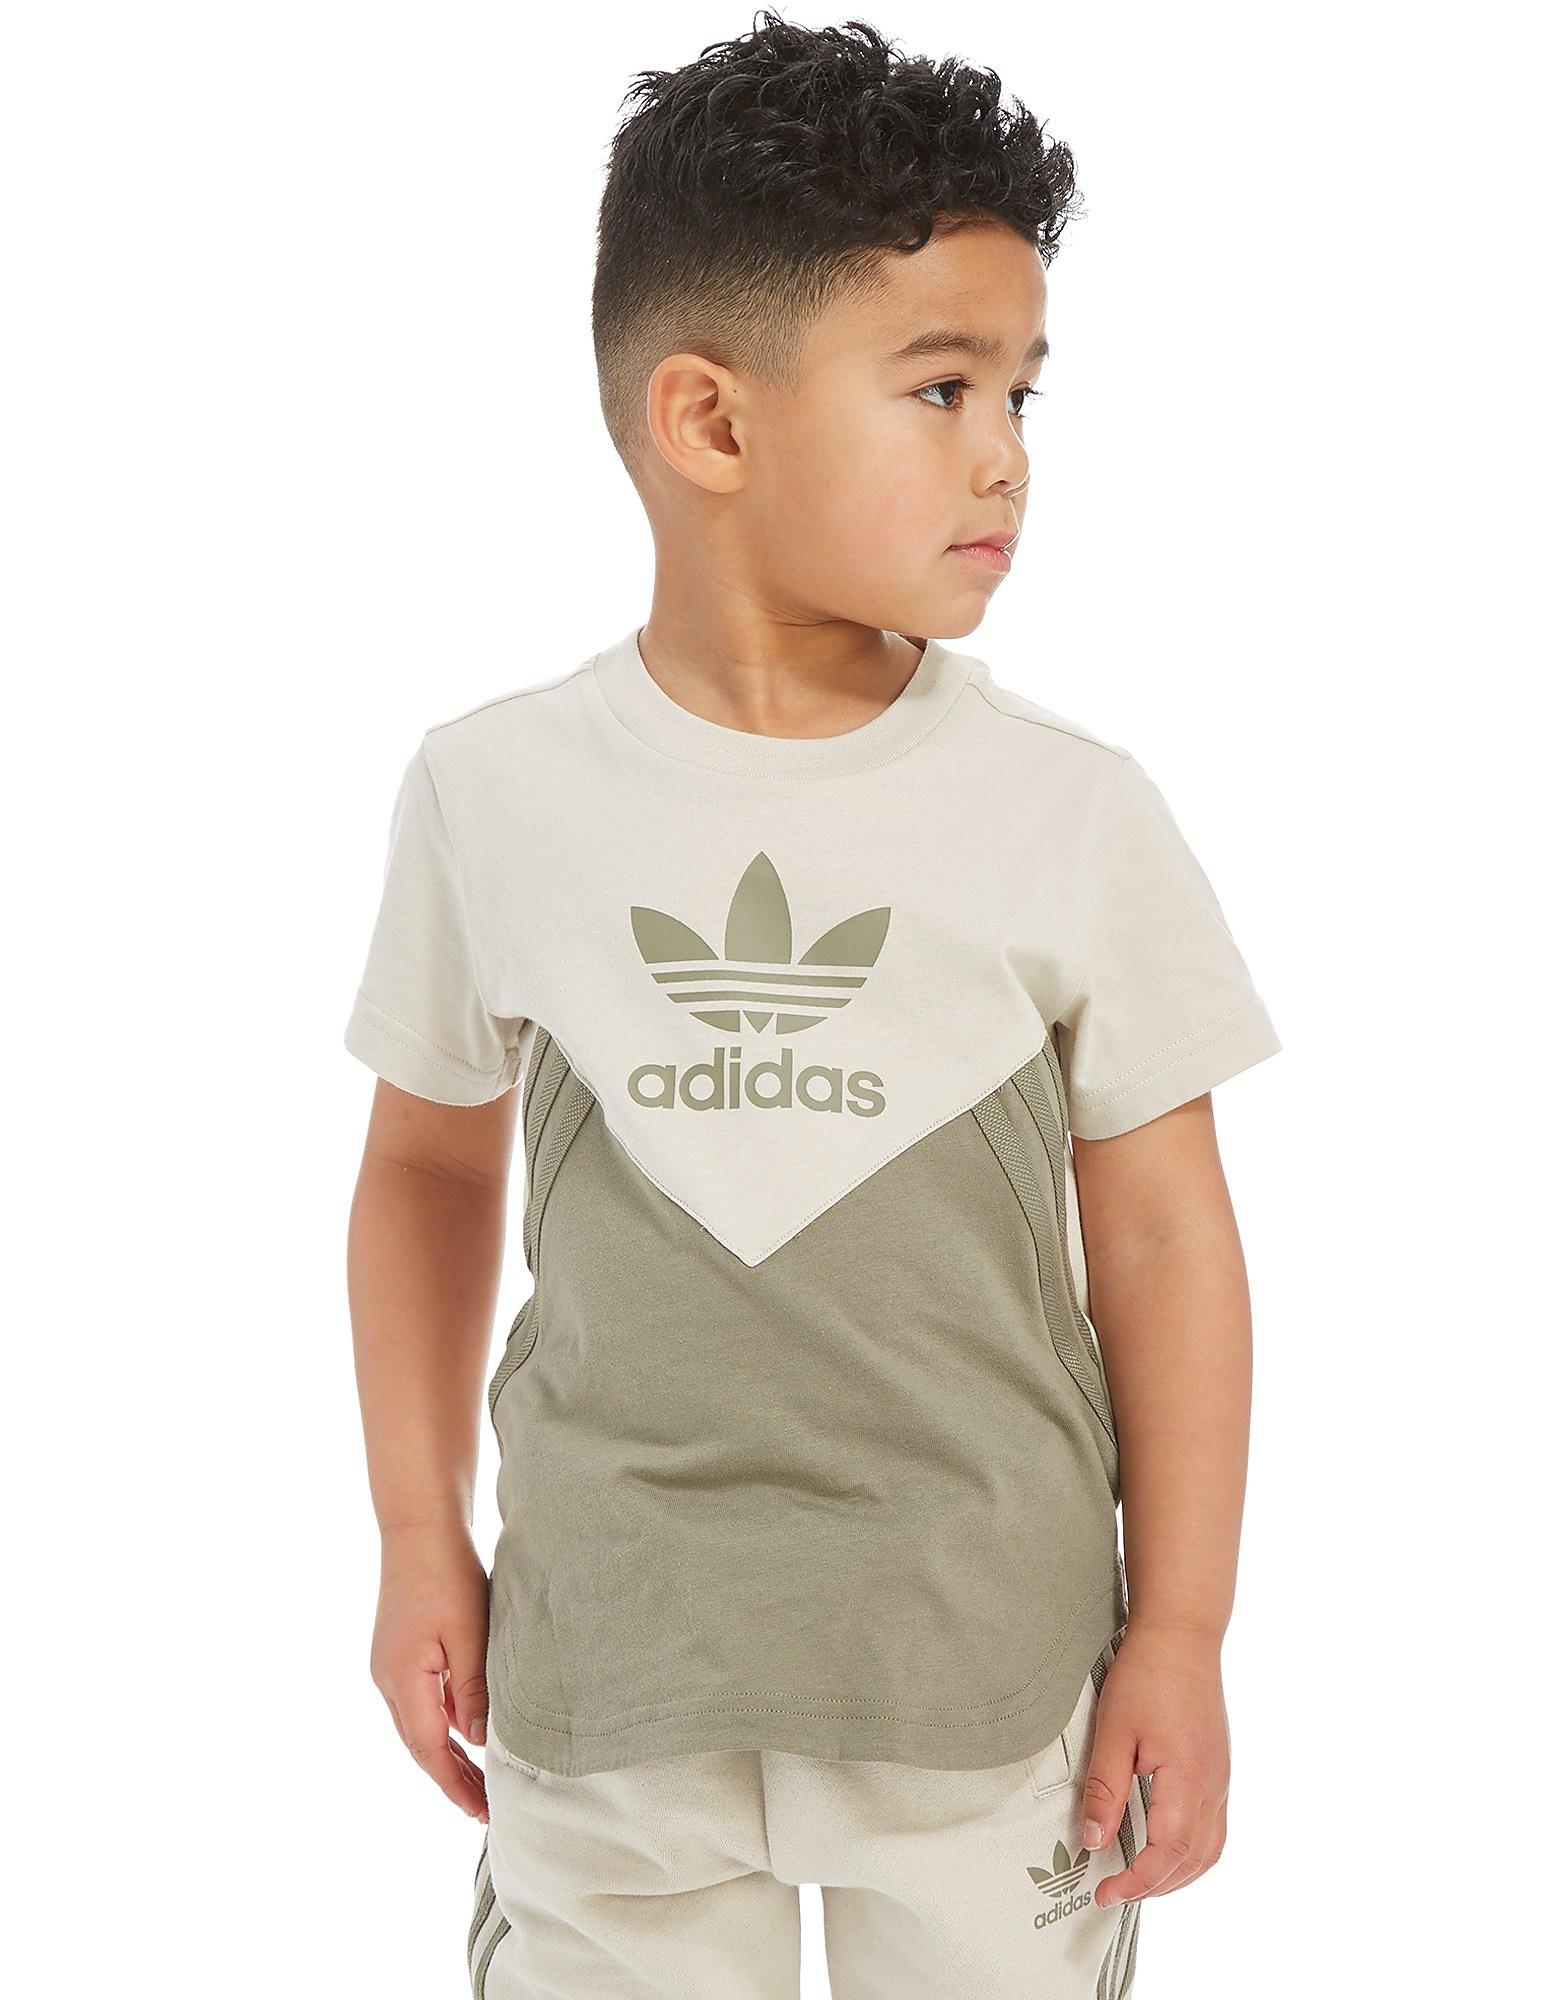 adidas Originals T-Shirt MOA Enfant